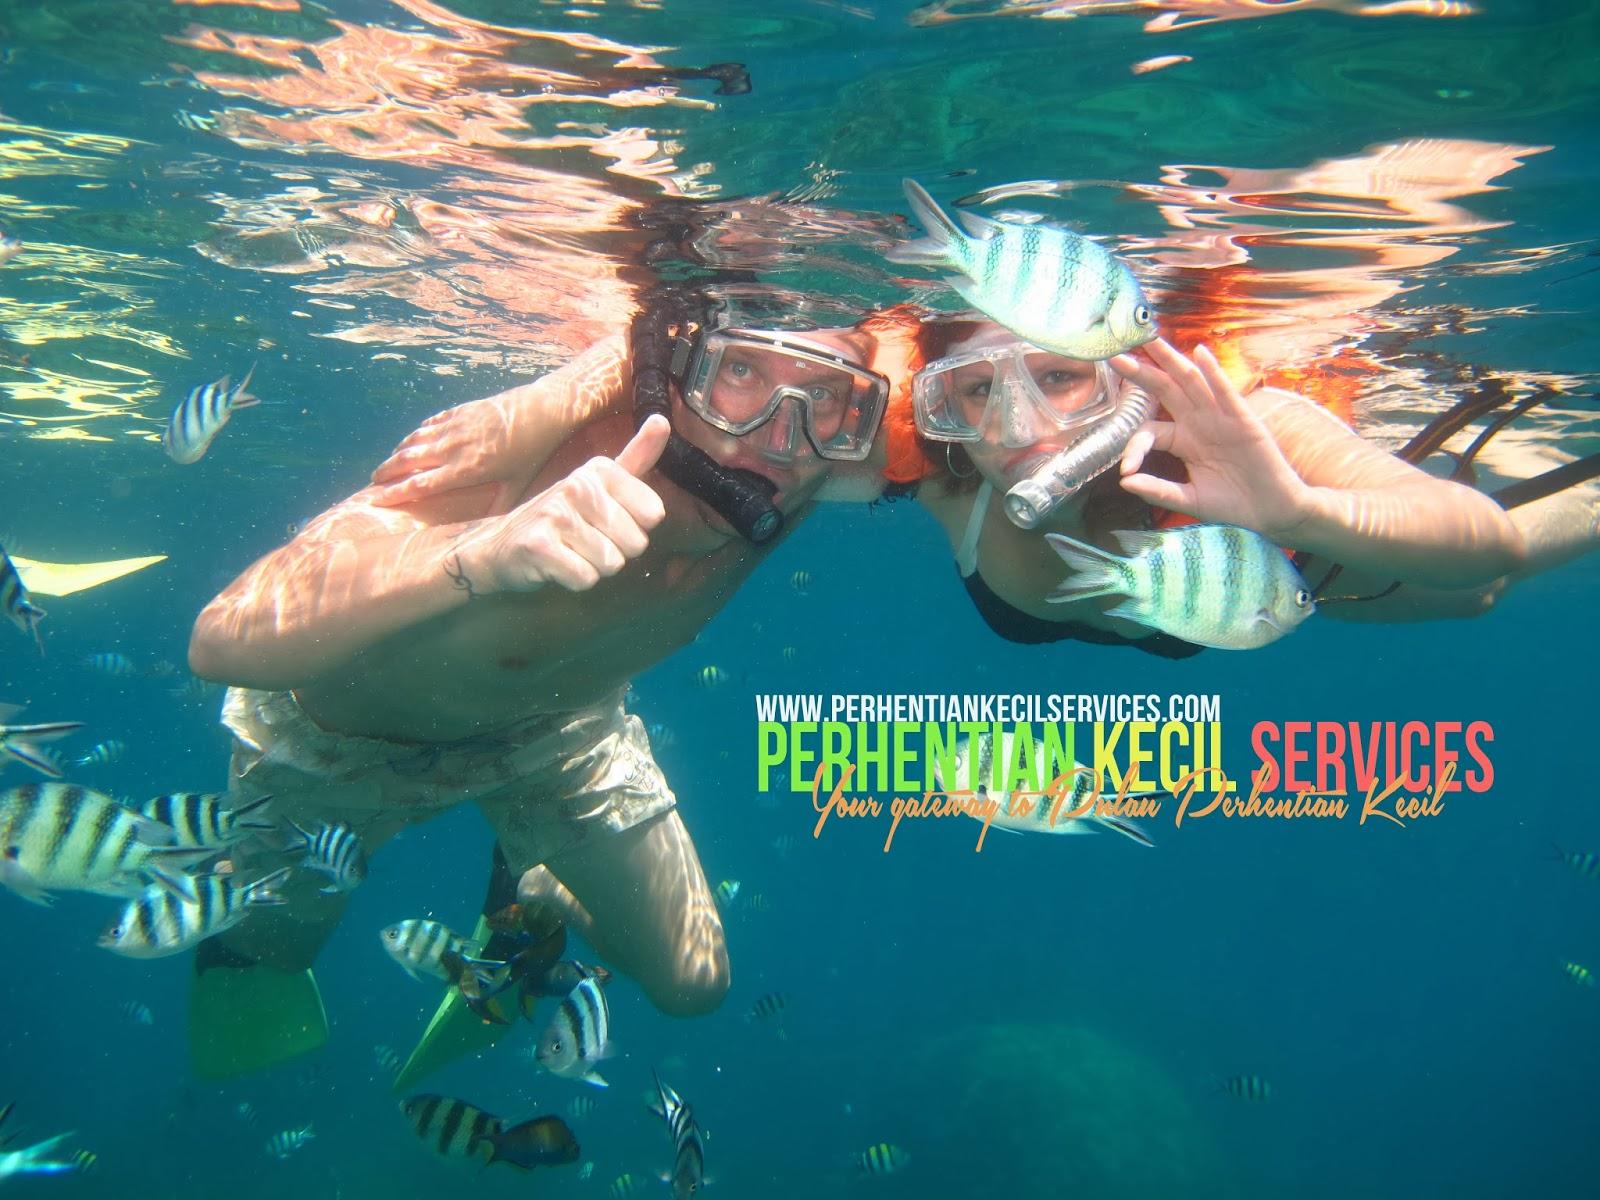 pakej snorkeling di pulau perhentian, snorkeling trip terbaik di pulau perhentian, perhentian kecil services, pulau perhentian kecil